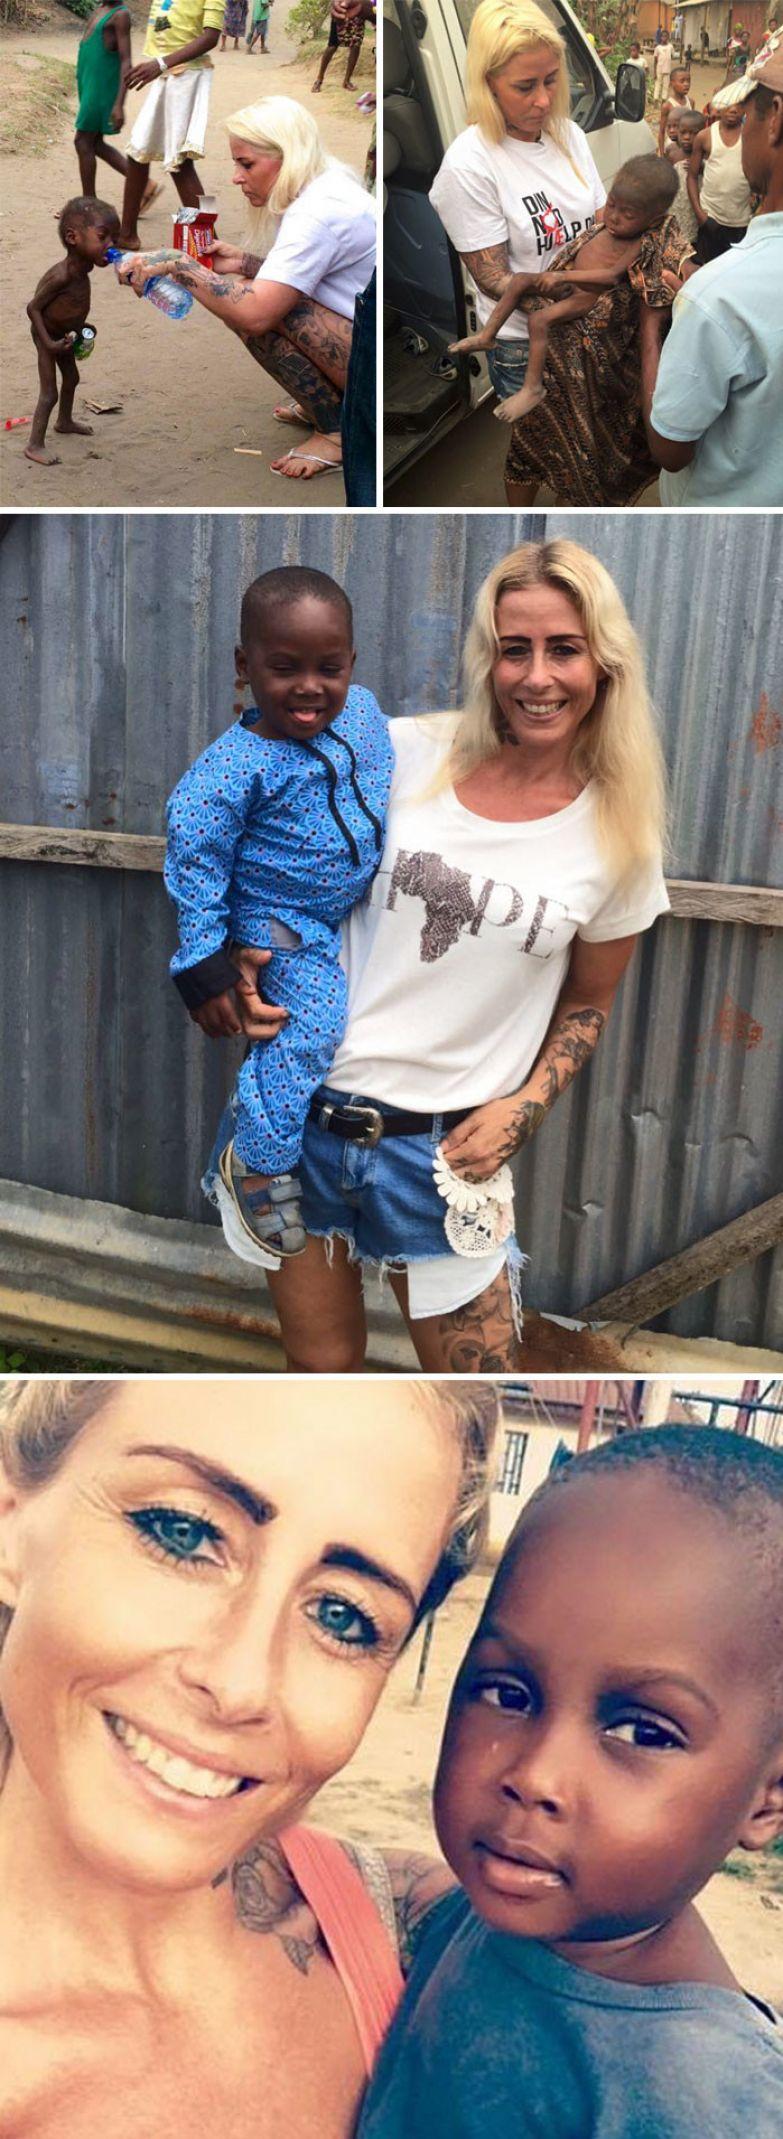 3. Датчанка спасла 2-летнего мальчика из Нигерии, которого семья бросила умирать на улице доброта, мир, поступок